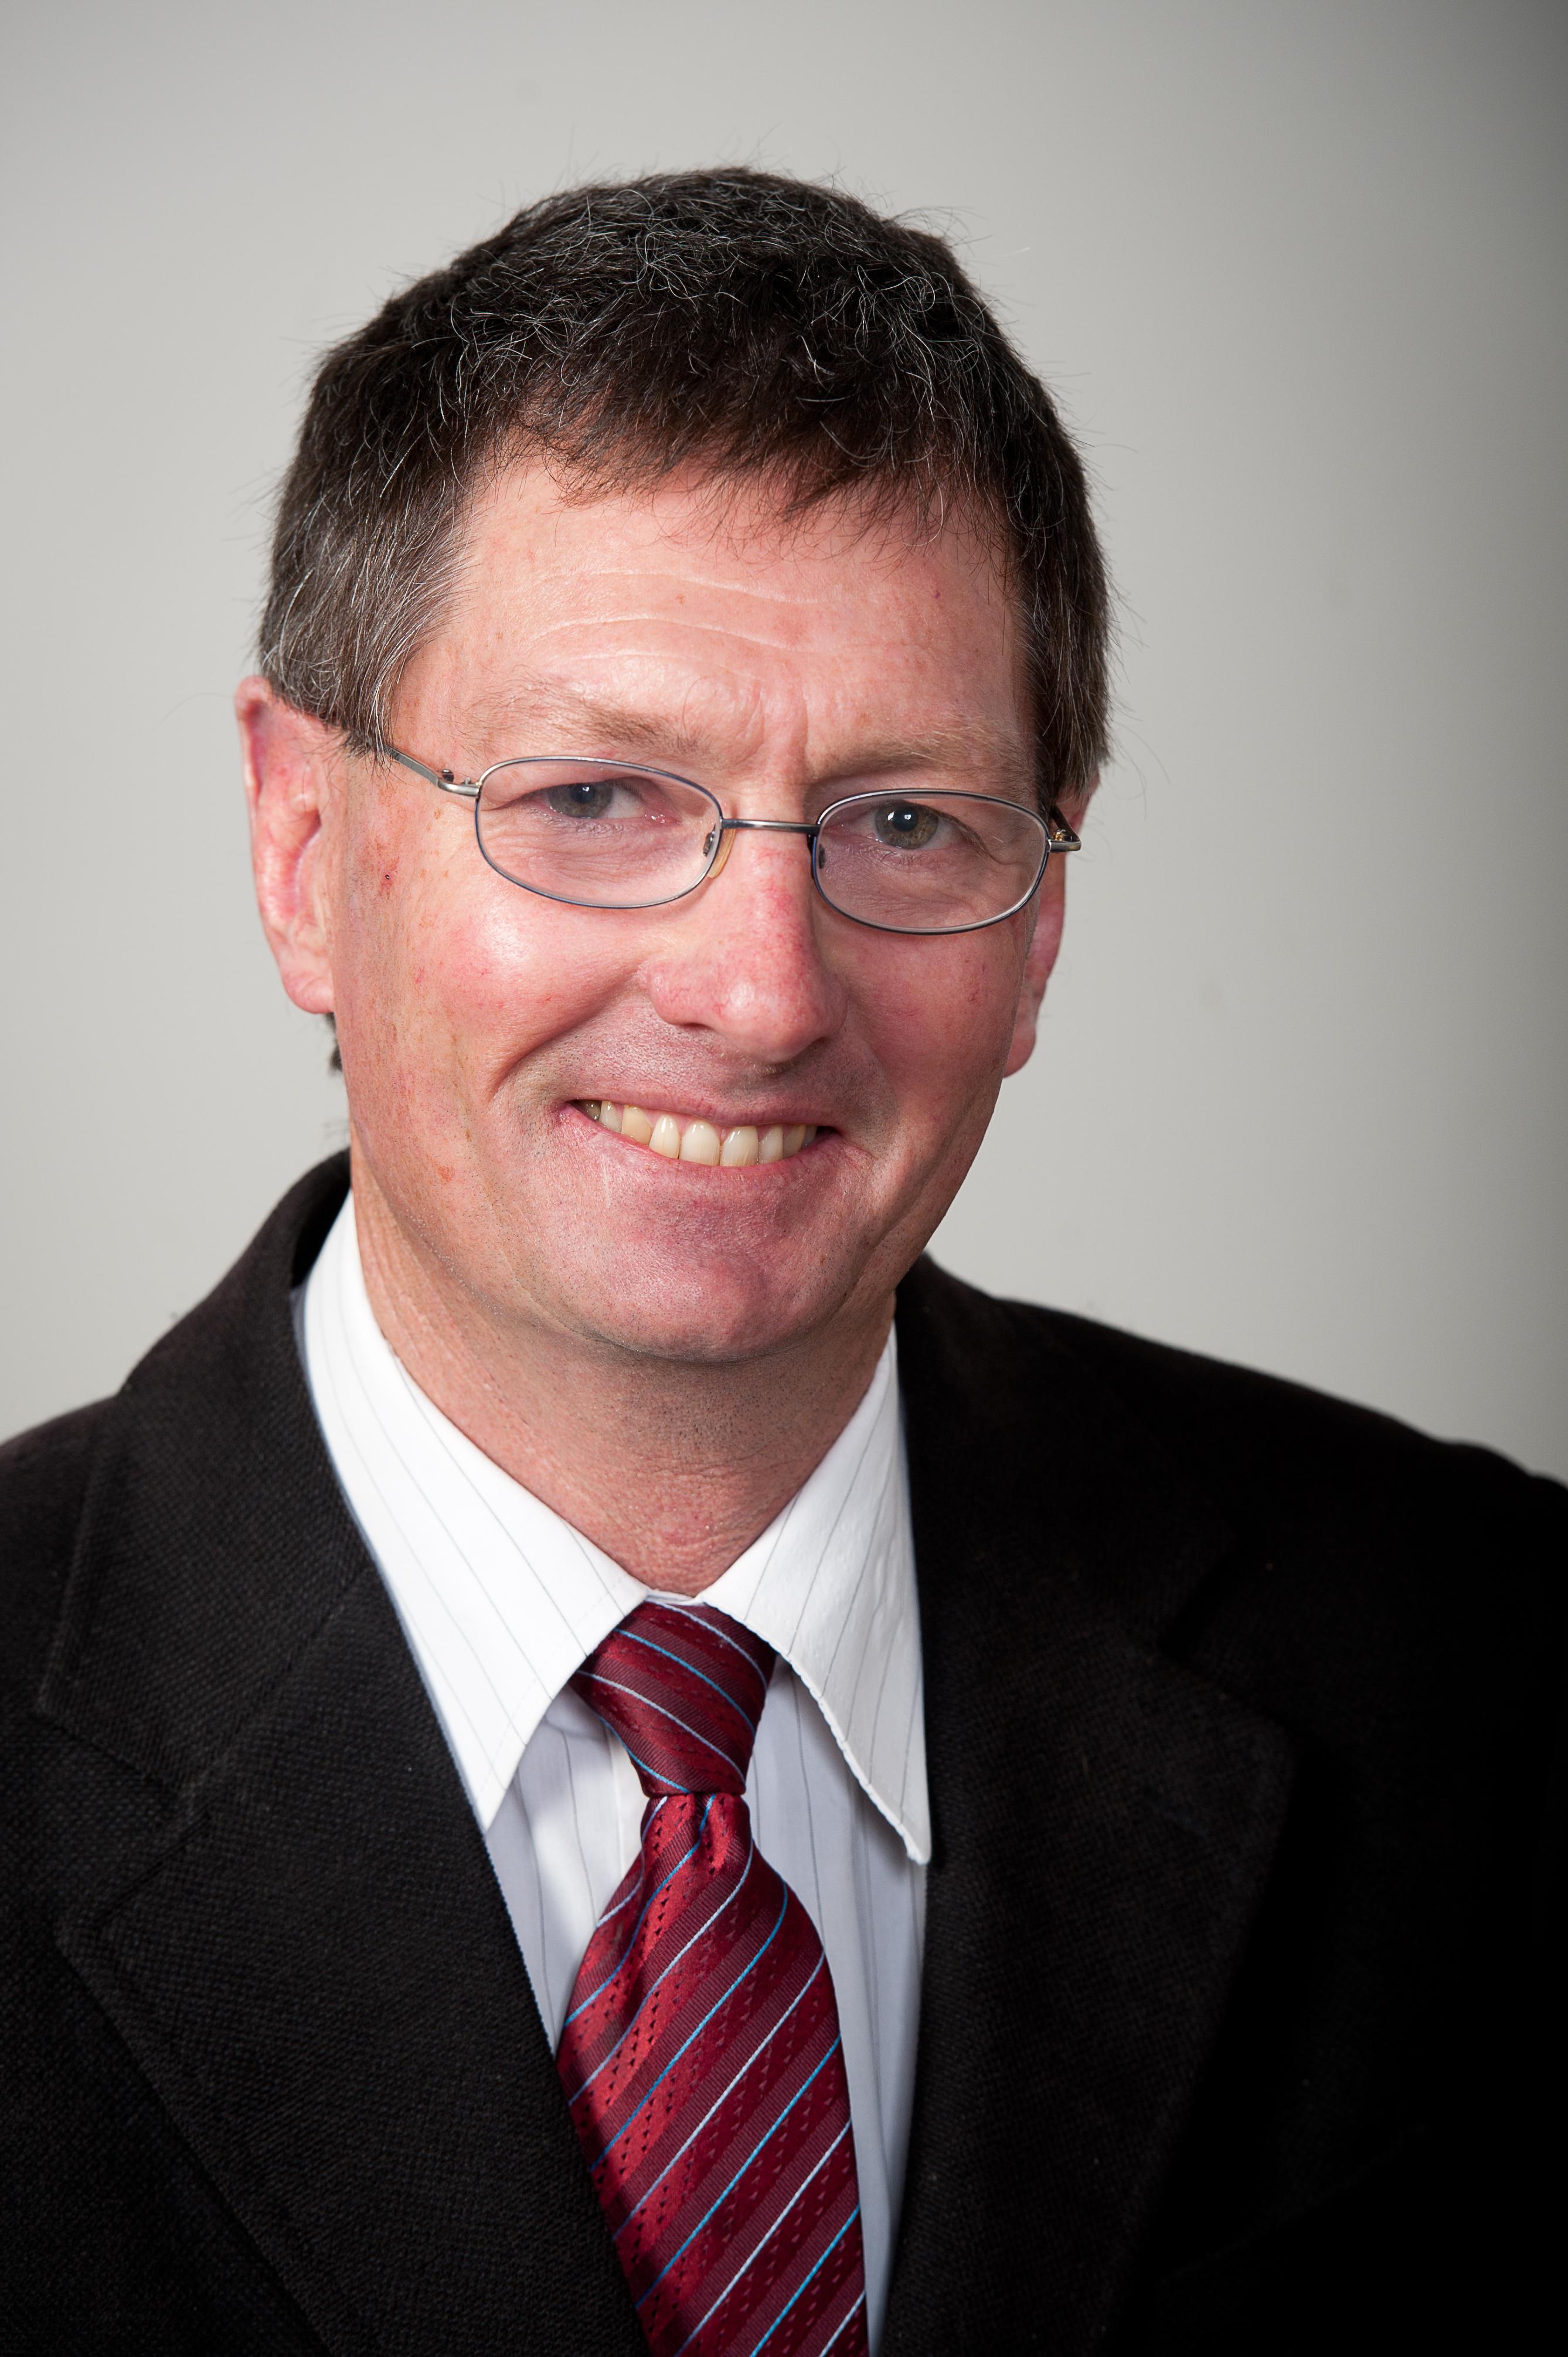 Mike Plowman